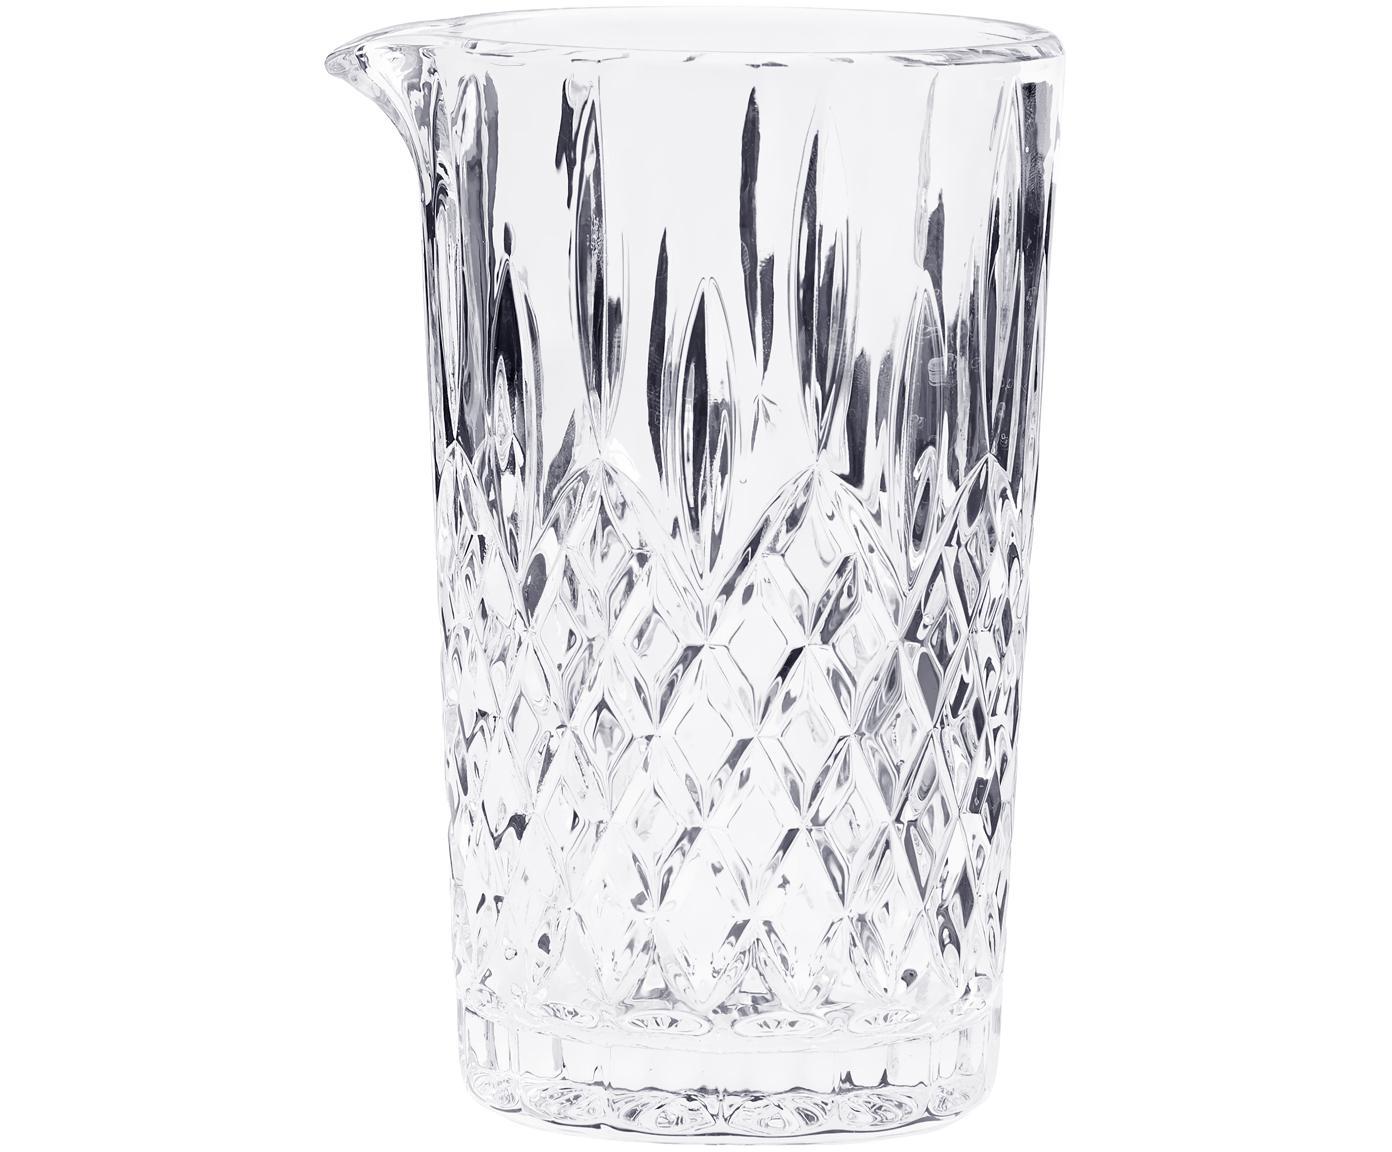 Kryształowa karafka Waltham, Szkło kryształowe, Transparentny, 500 ml